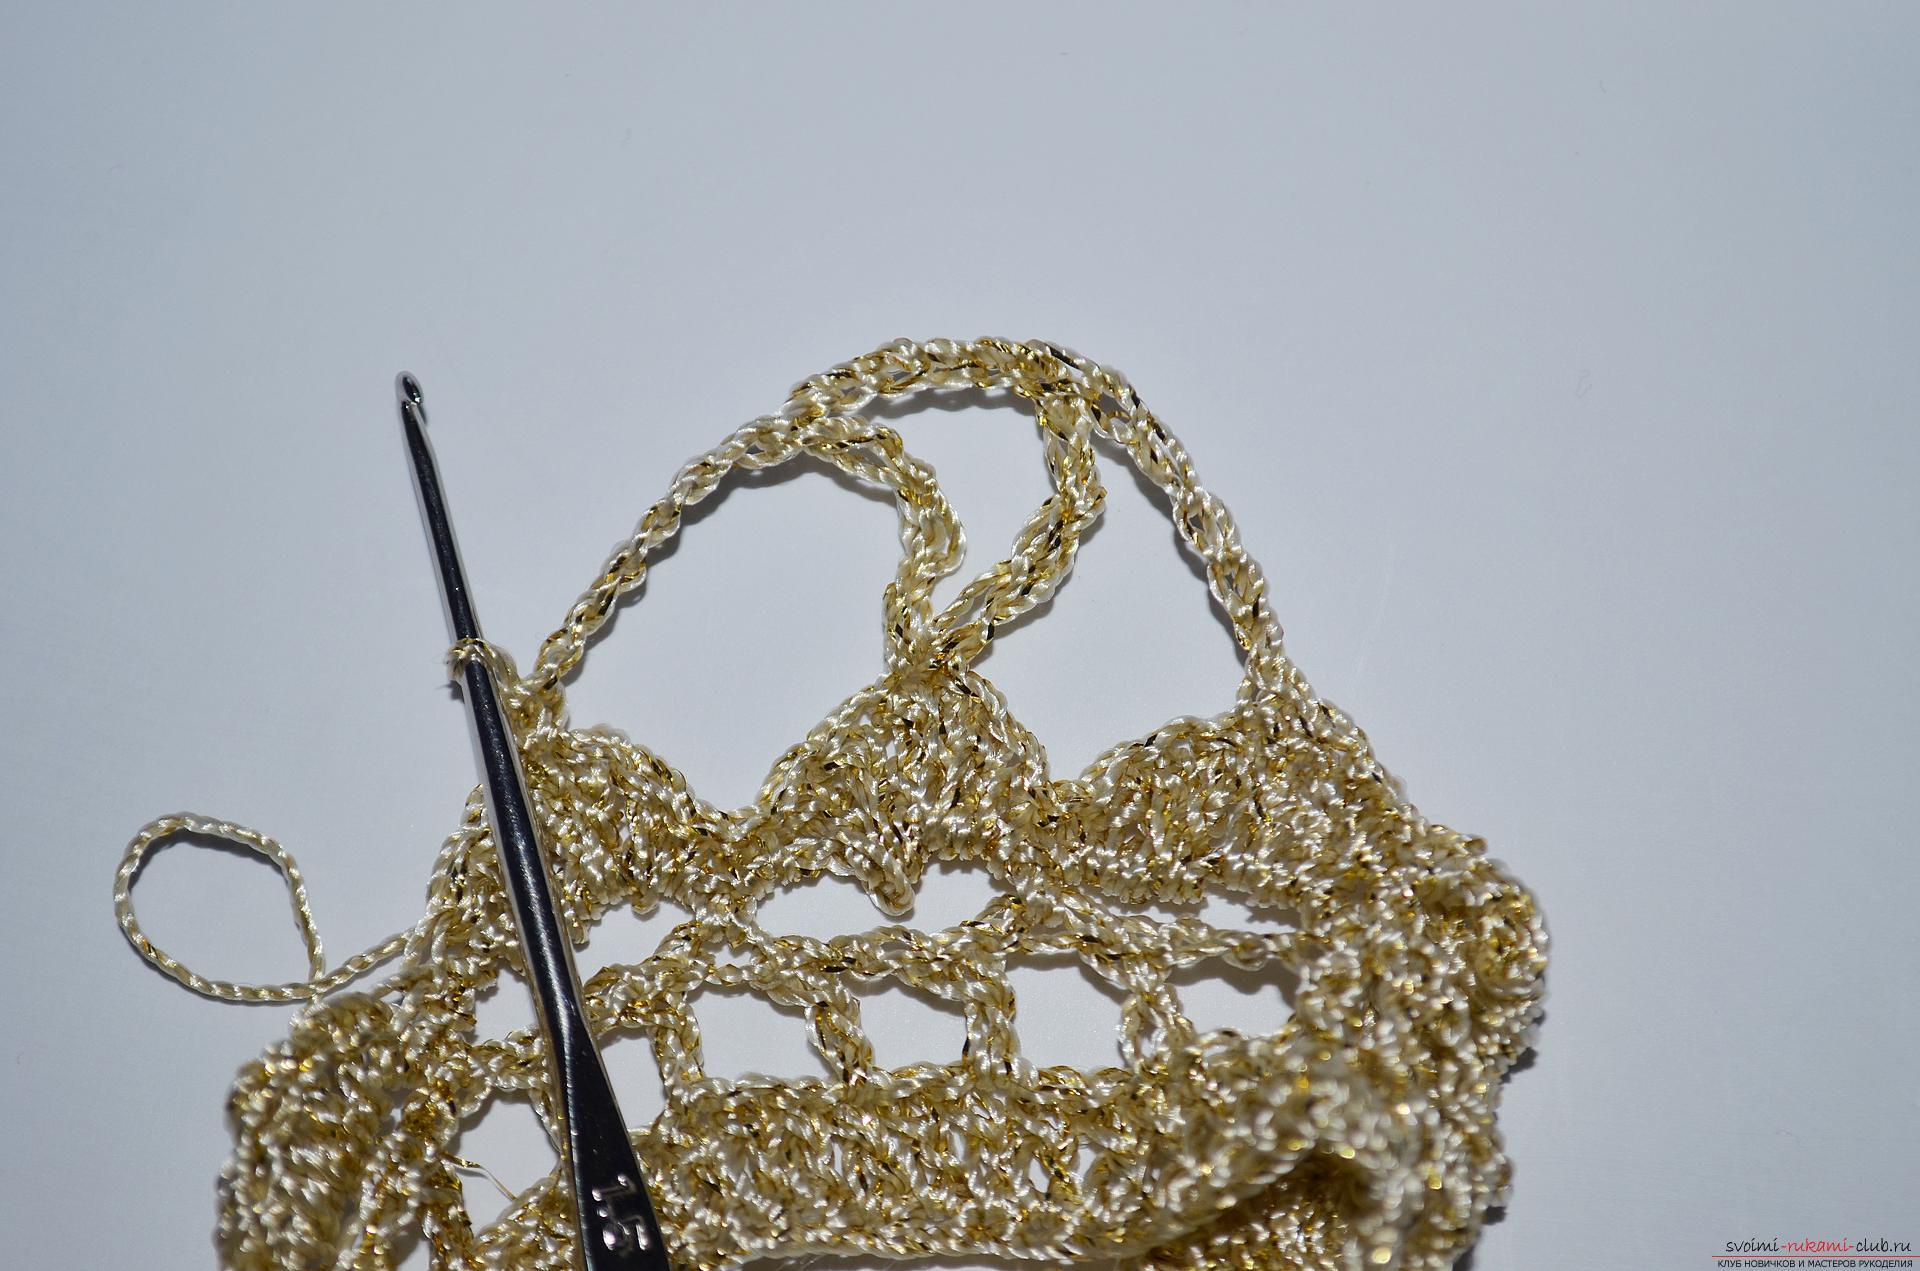 Пошаговый мастер-класс научит как связать крючком вязаную корону для девочки. Фото №8